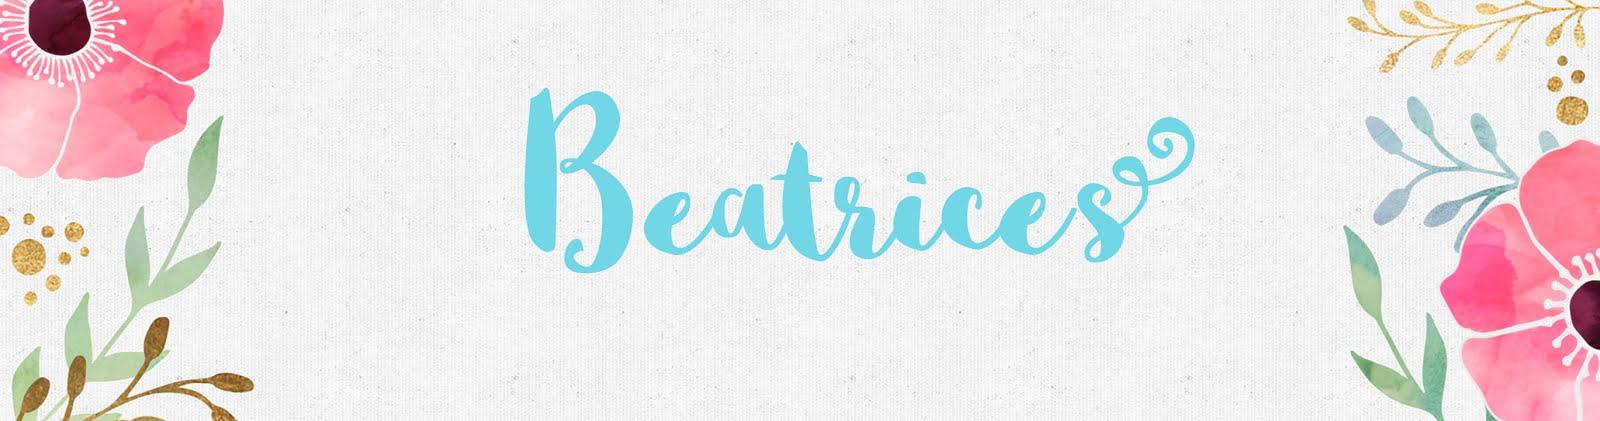 Beatrices